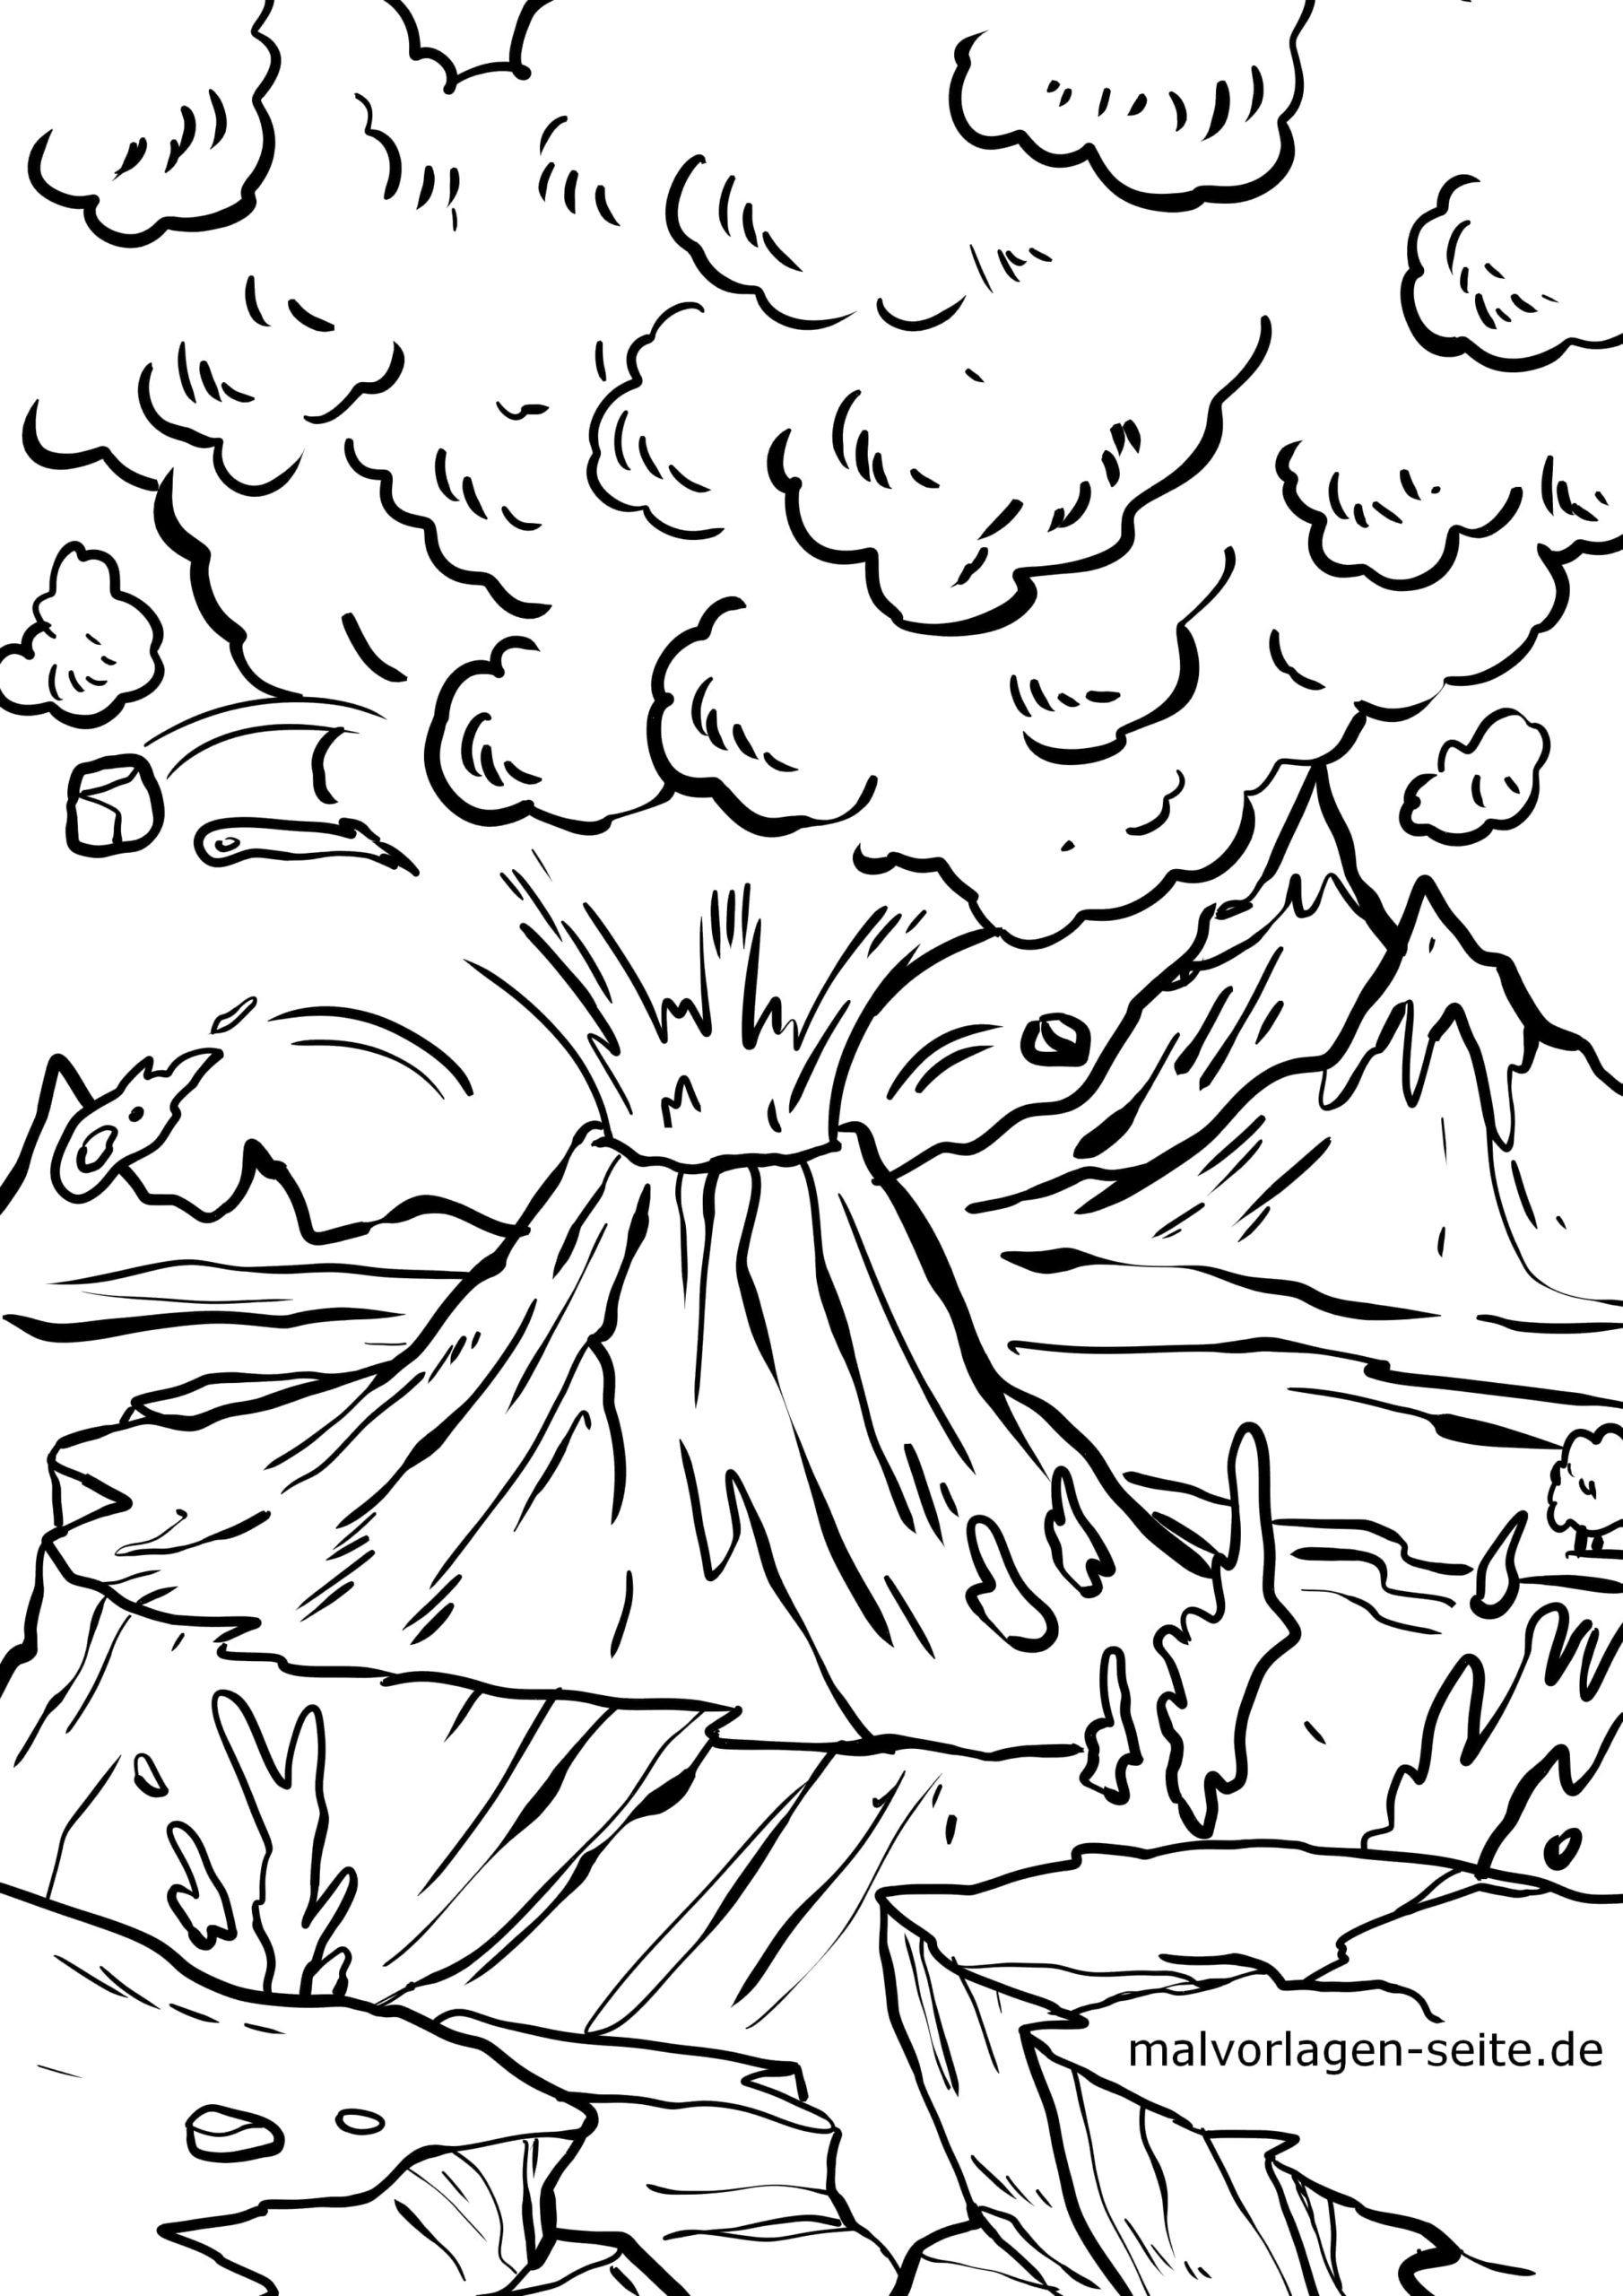 Malvorlage Vulkan - Ausmalbilder Kostenlos Herunterladen für Ausmalbild Vulkan